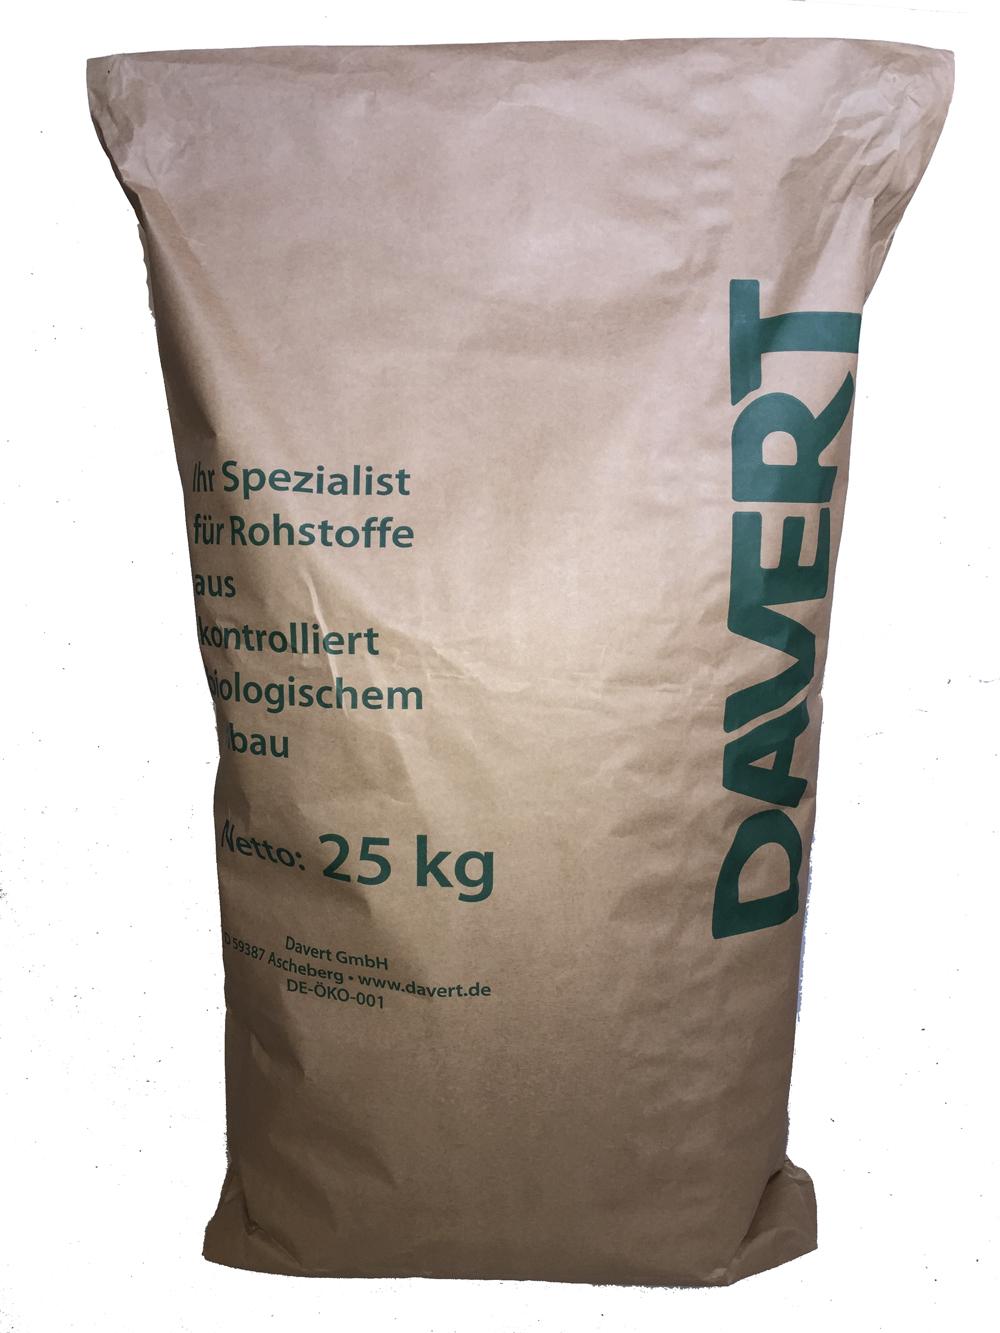 Weizenmehl BIO Type 1050, 25 kg, DAVERT